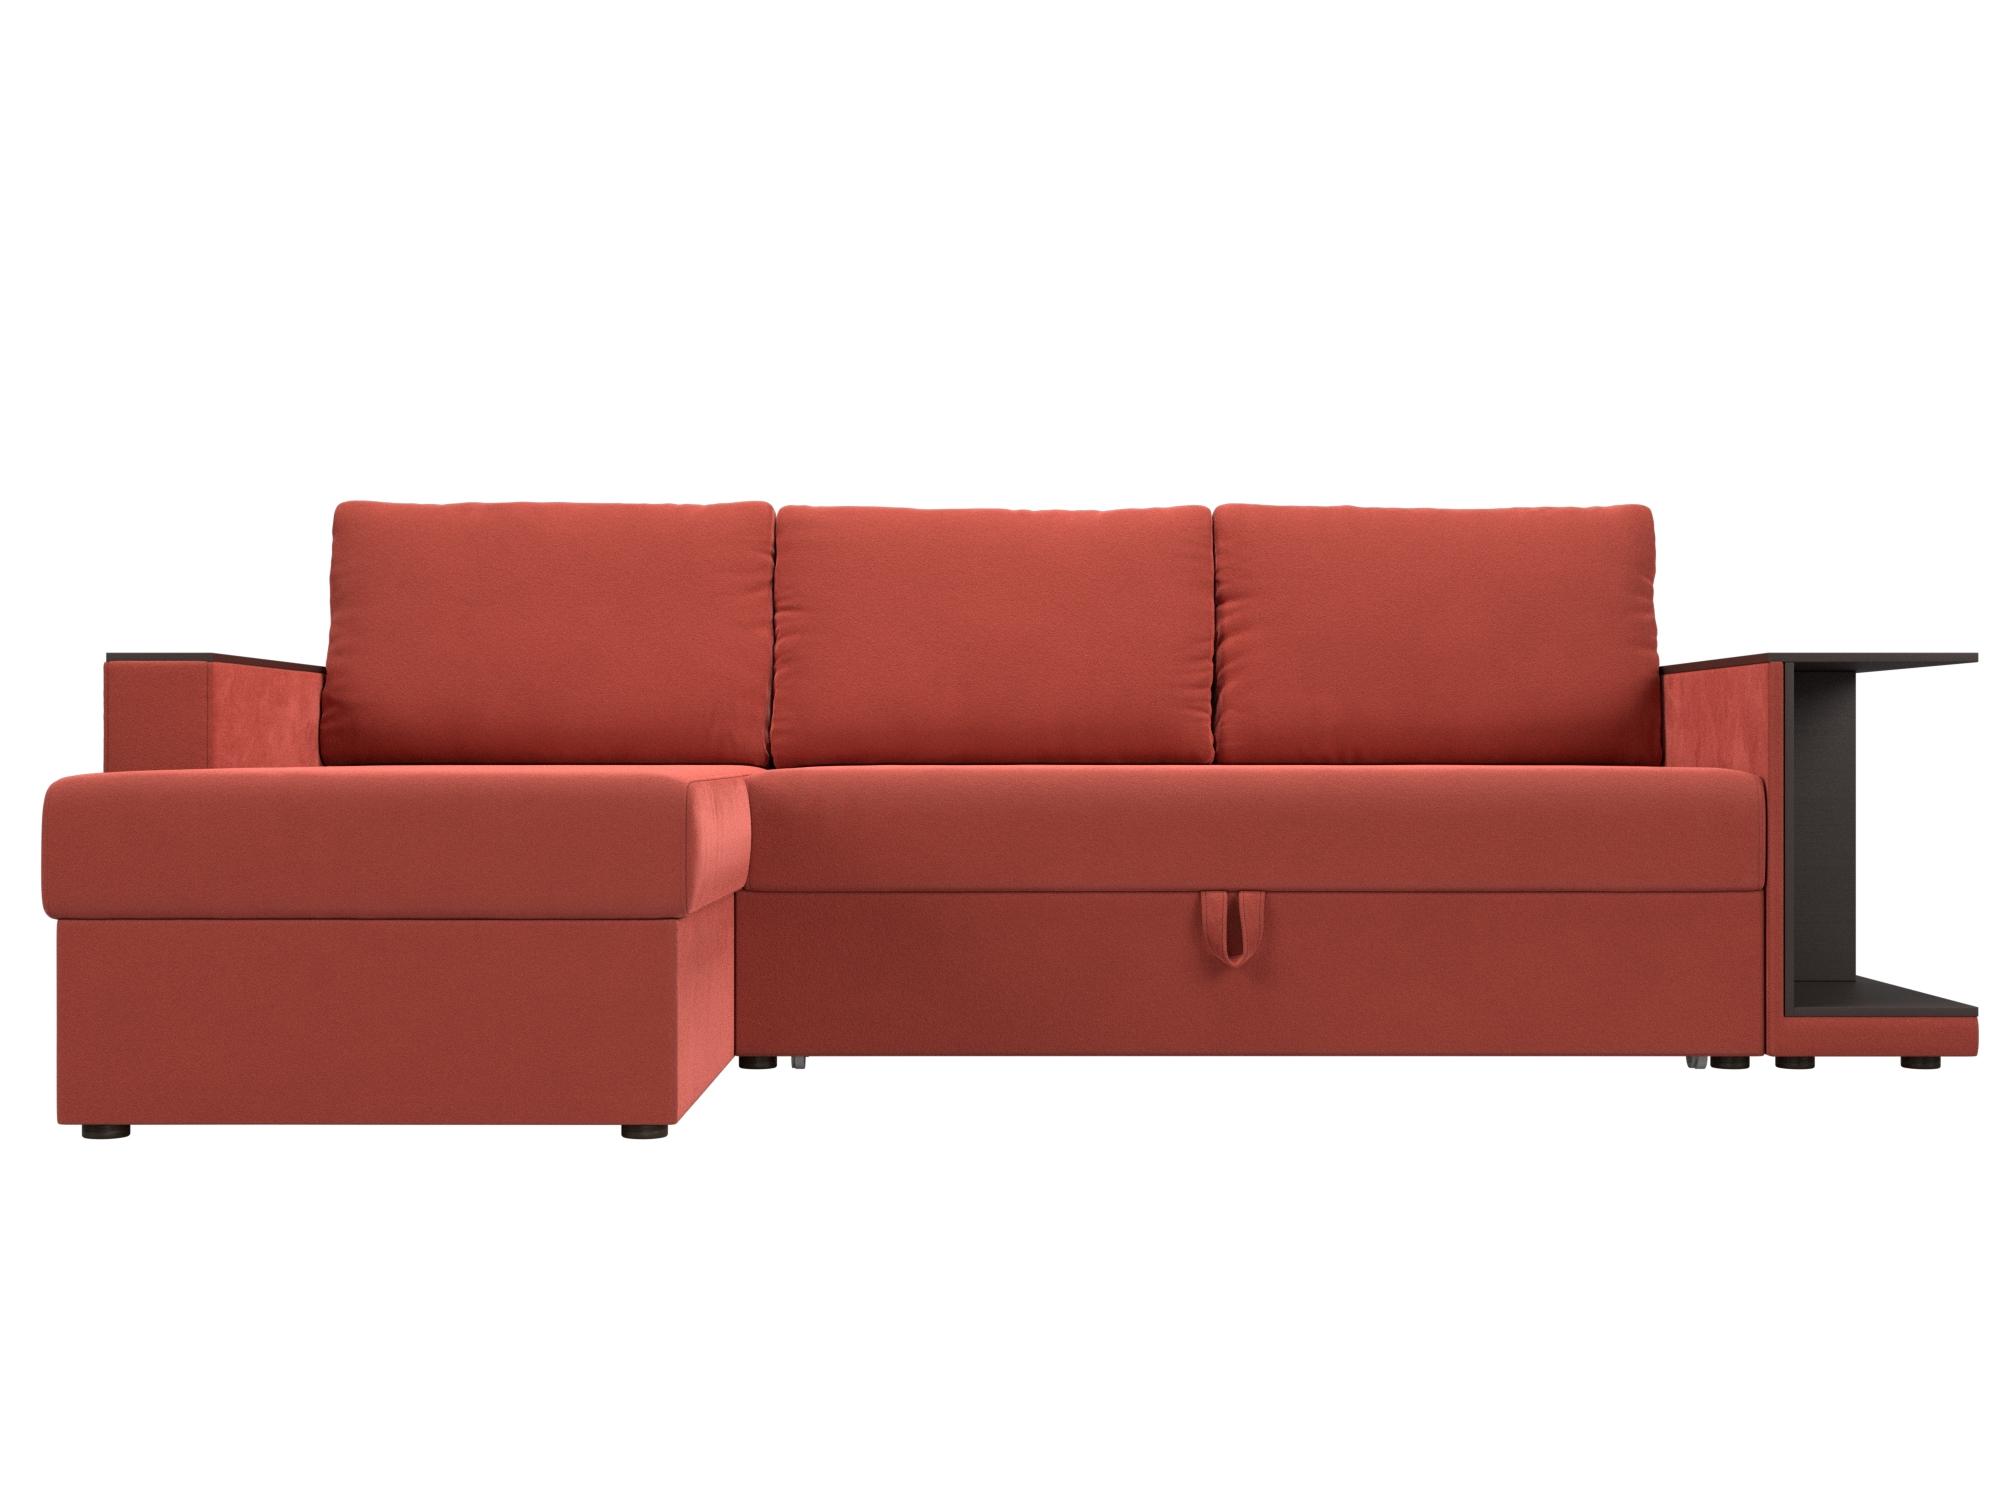 Угловой диван Атланта С Левый MebelVia Красный, Микровельвет, ЛДСП Красный